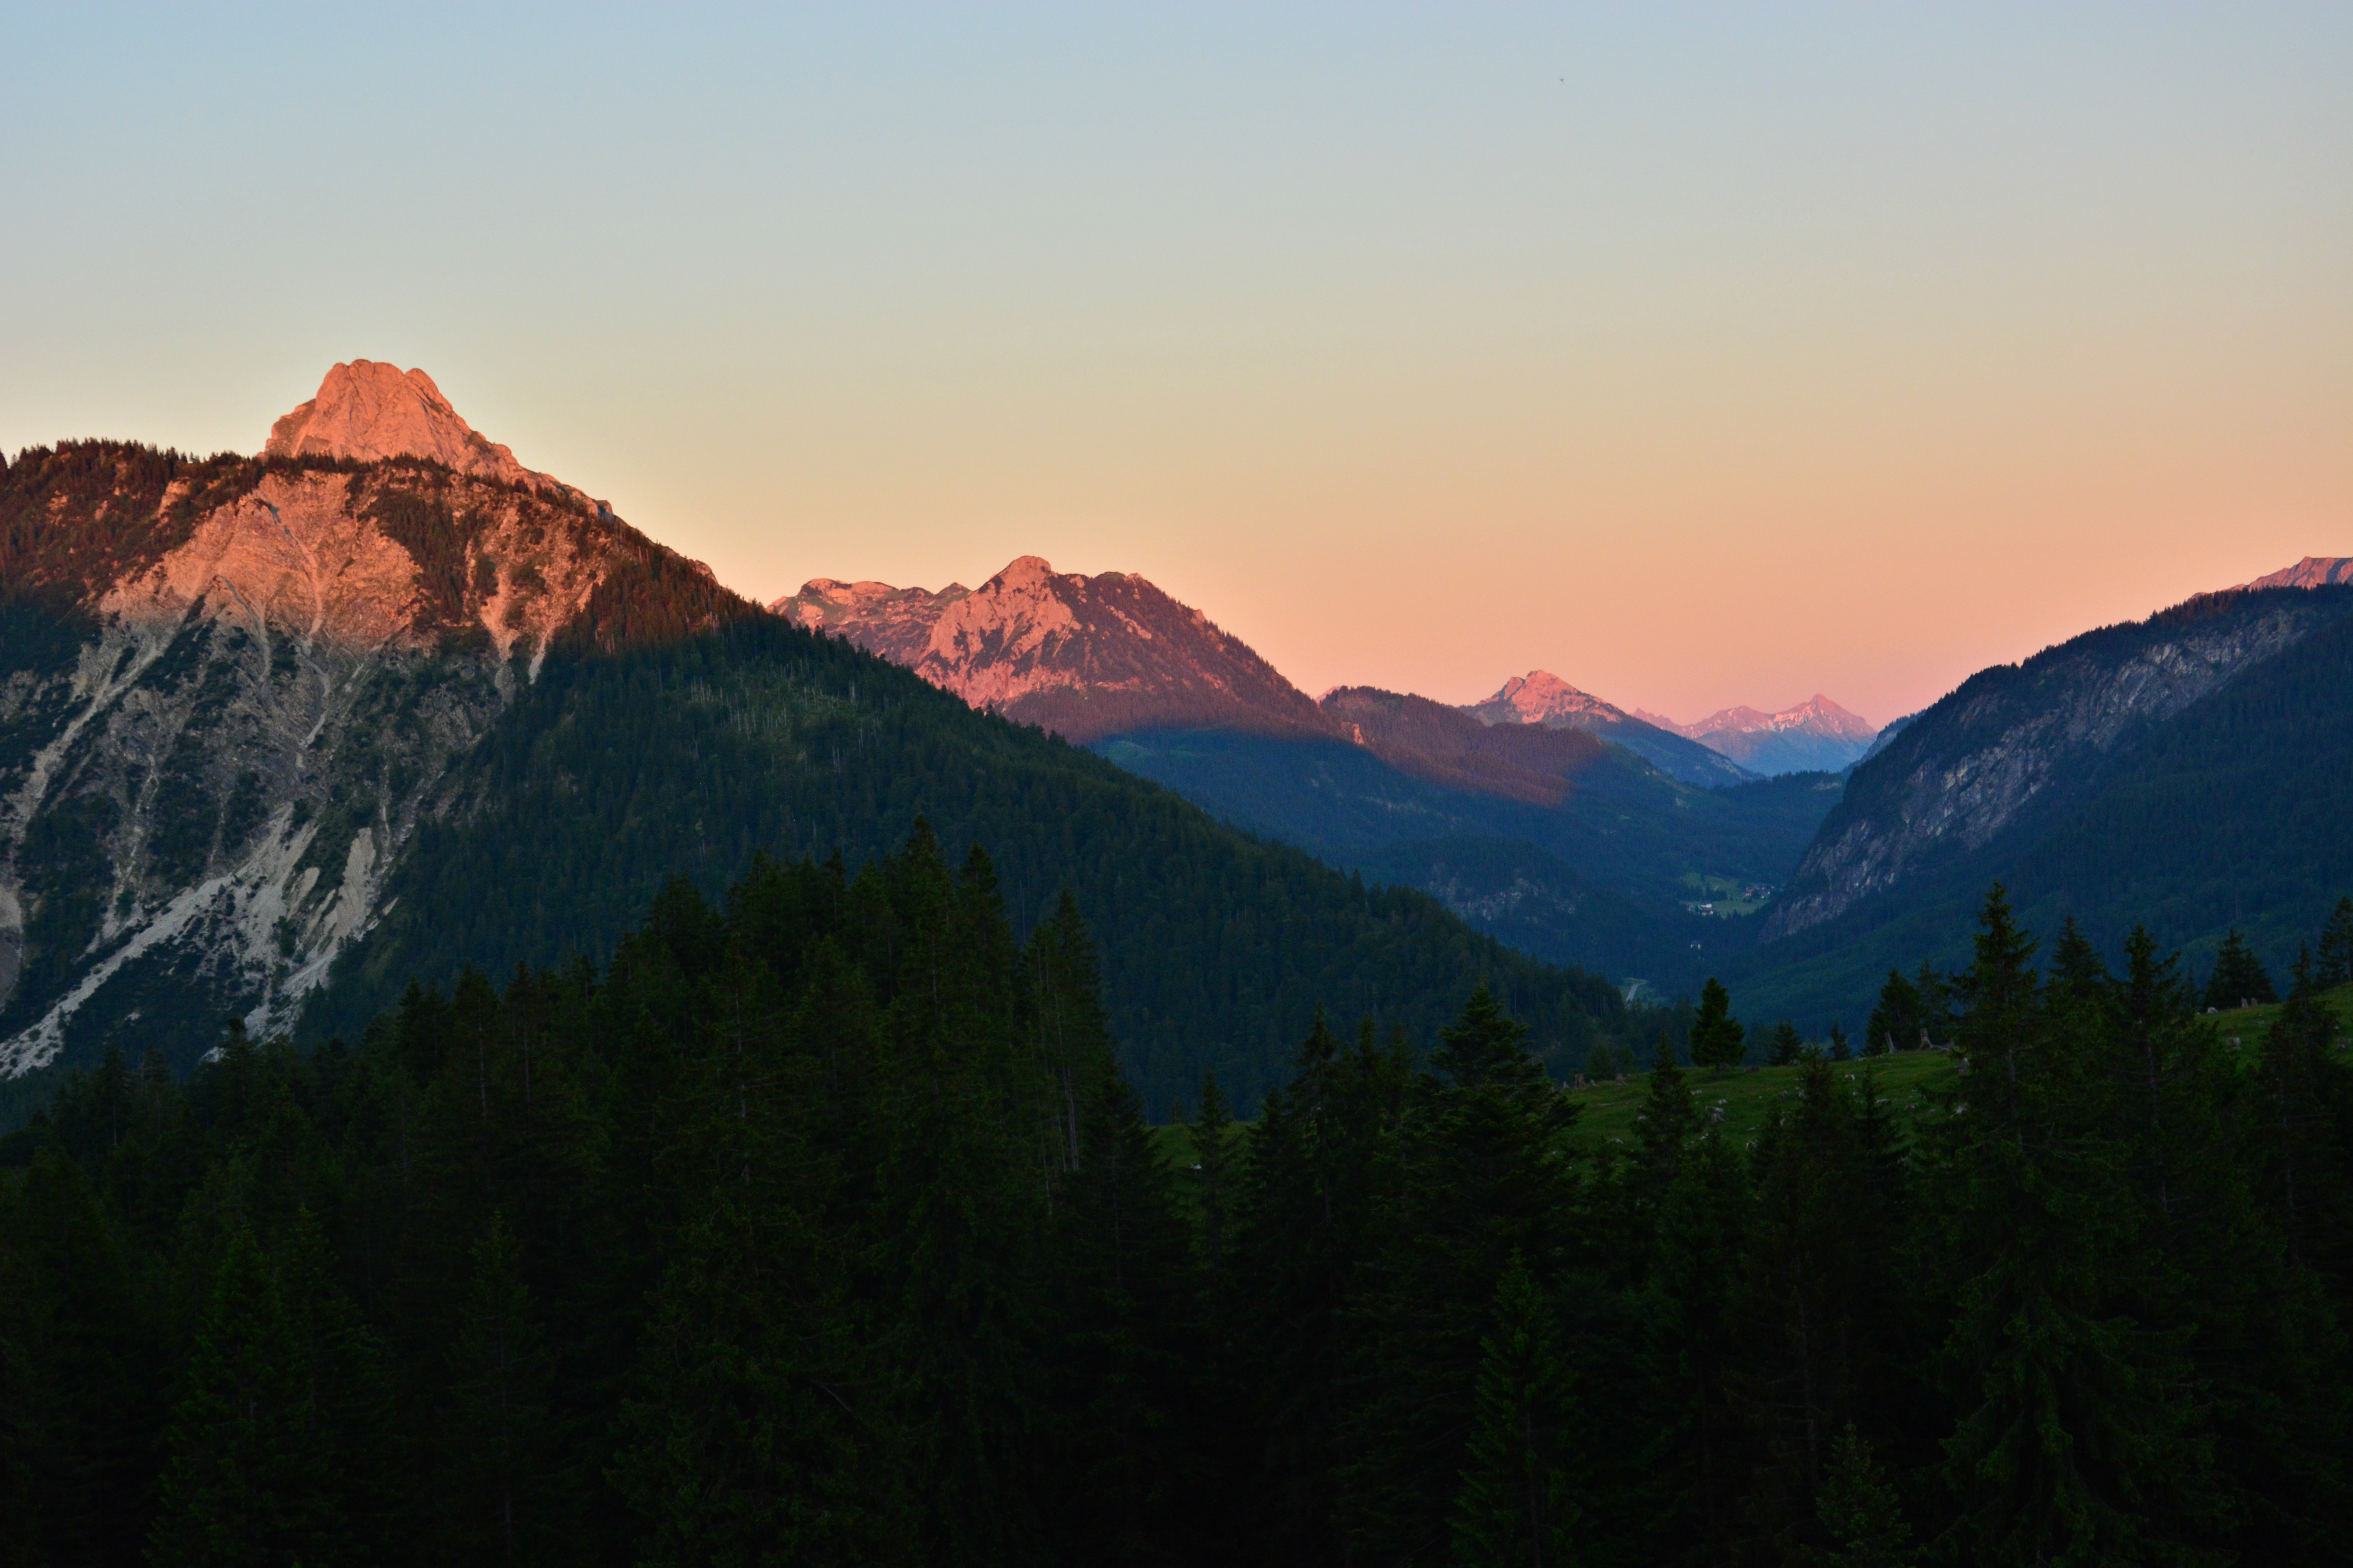 A0153 Abendrot in den Bergen Richtung Tannheimer Tal.jpg